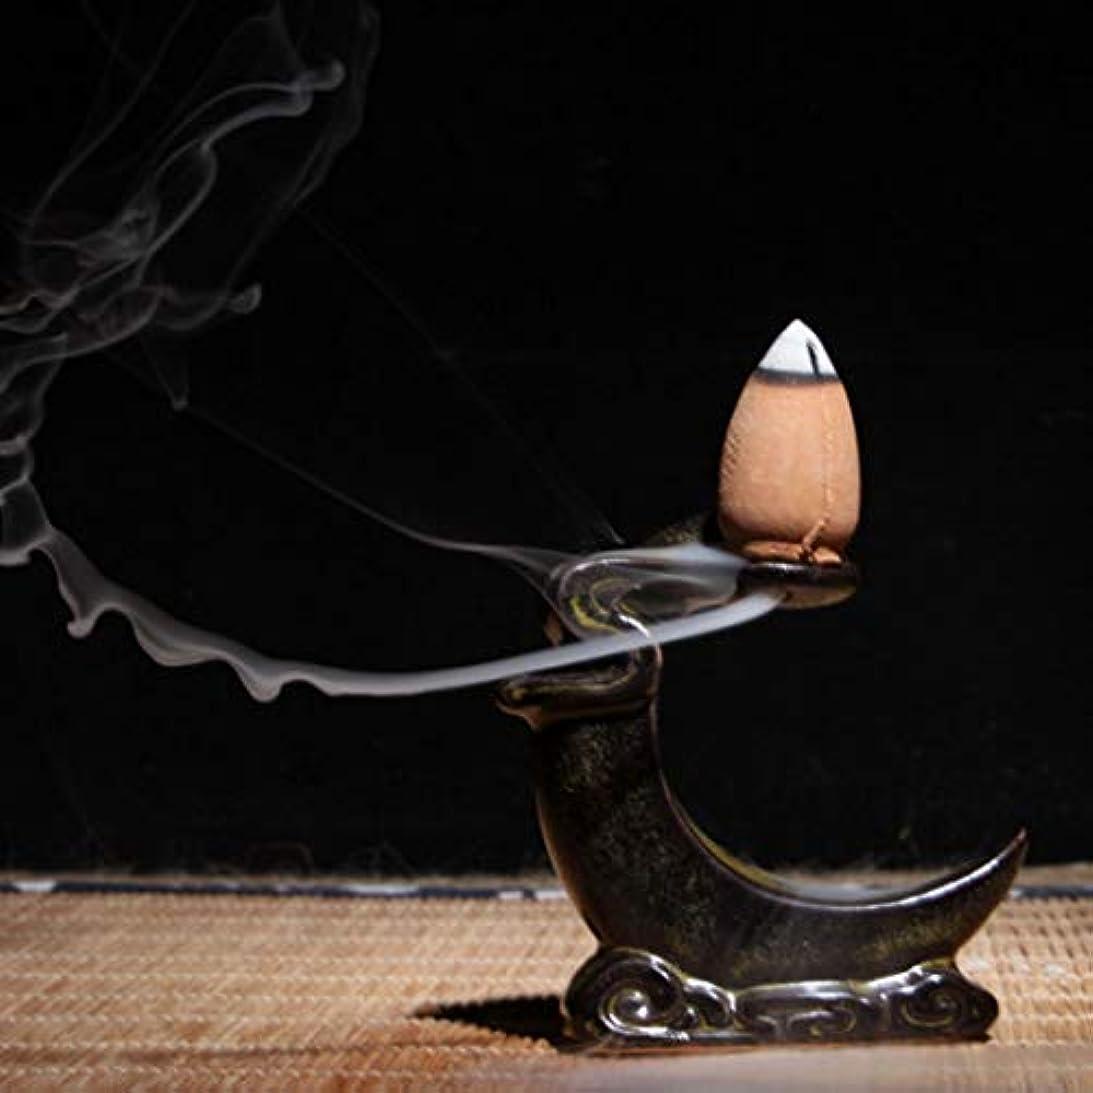 ひばり吸収ハンカチWEEFORT ミニセラミック香炉 逆流ブッダ リトルブッダ お香ホルダー 仏教 サンダルウッド コーン 香炉 ホーム用 OneSize b8-e26d-a-18537-3c931-oNesI